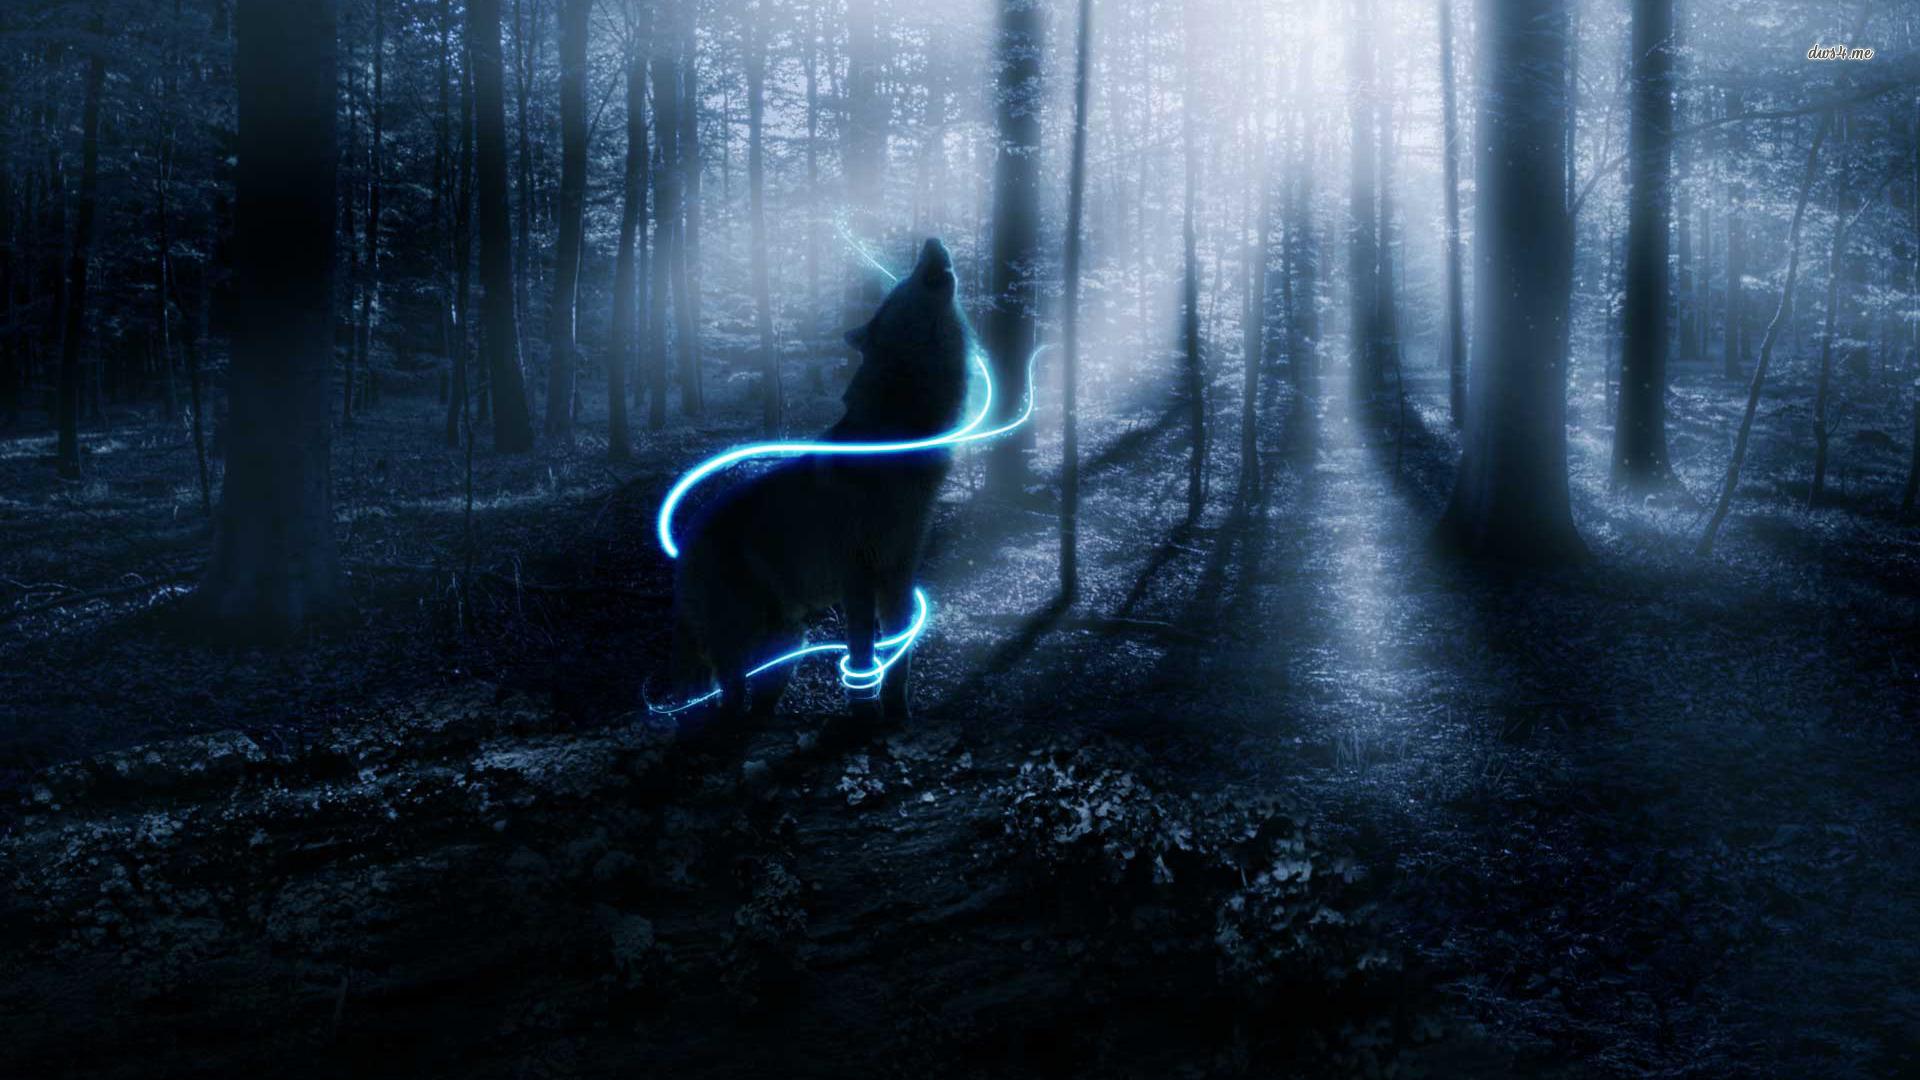 <b>Wallpaper Wolves</b> - WallpaperSafari